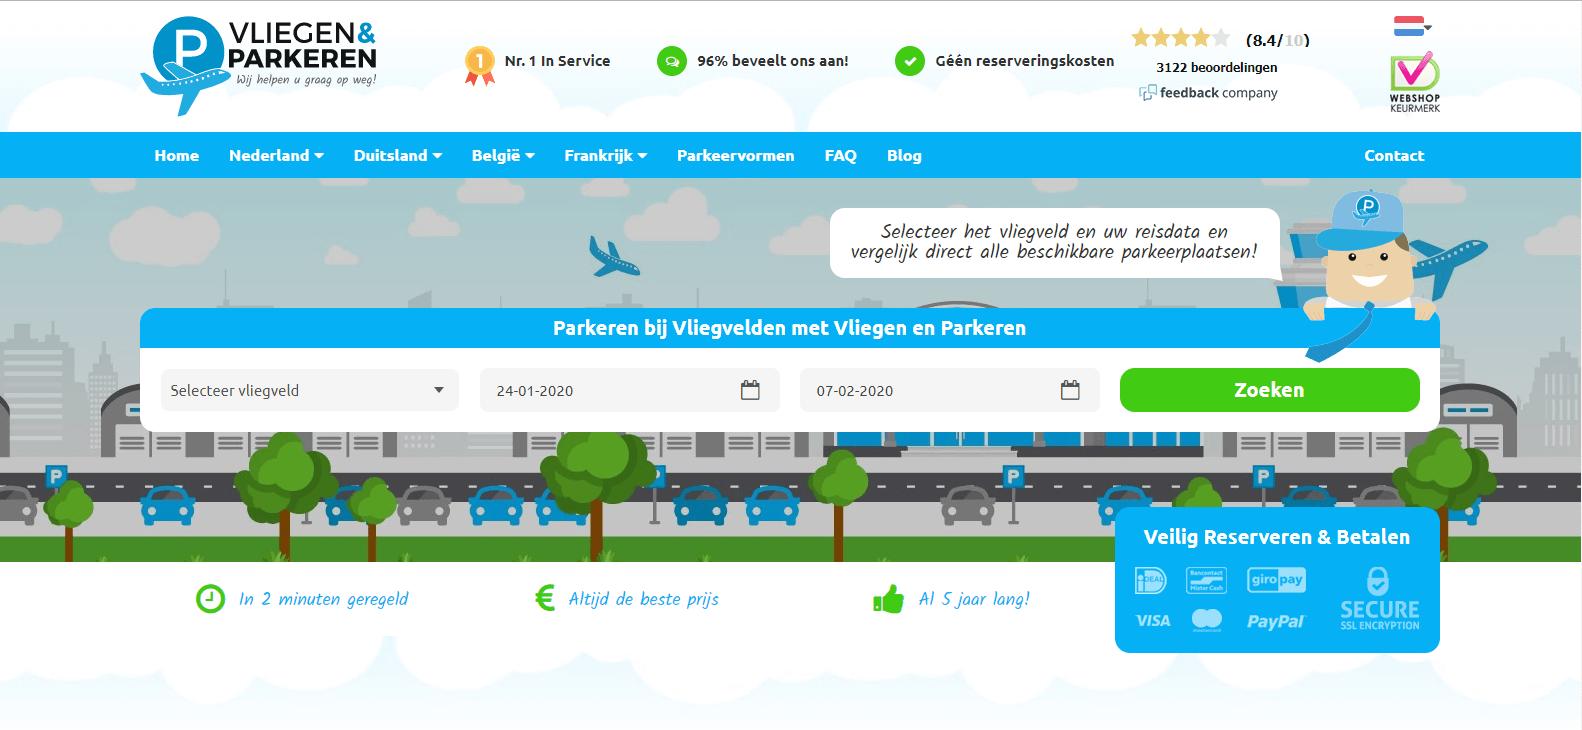 Vliegen en parkeren